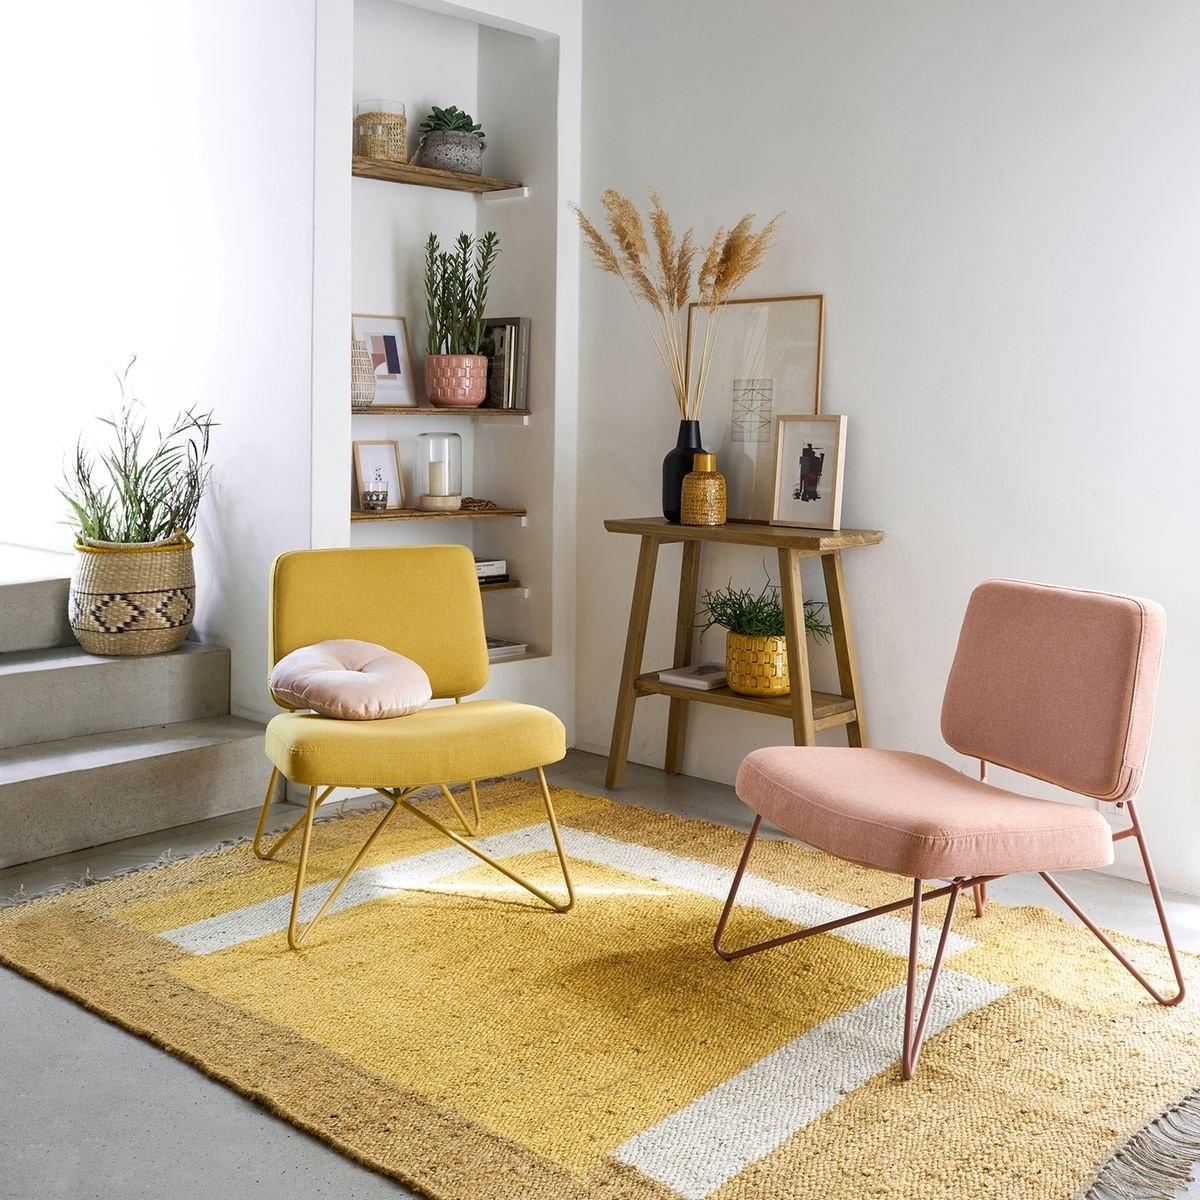 fauteuil pied épingle salon déco jaune retro tapis graphique